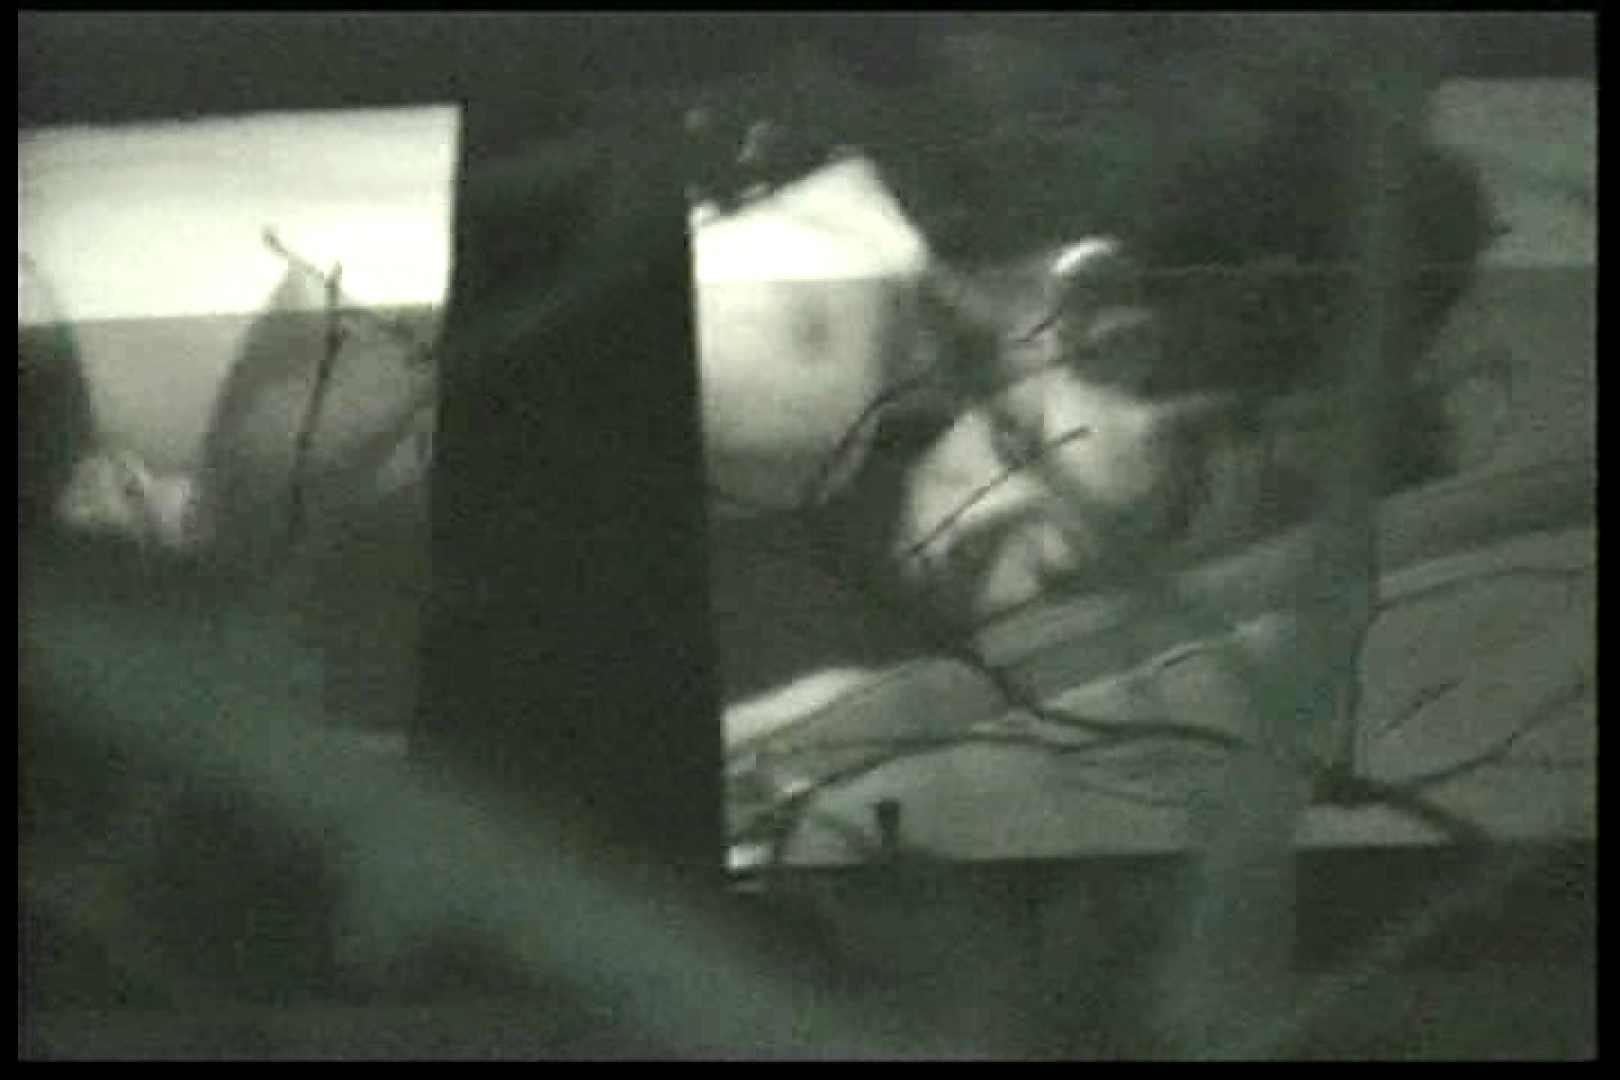 車の中はラブホテル 無修正版  Vol.15 美女OL すけべAV動画紹介 73連発 30